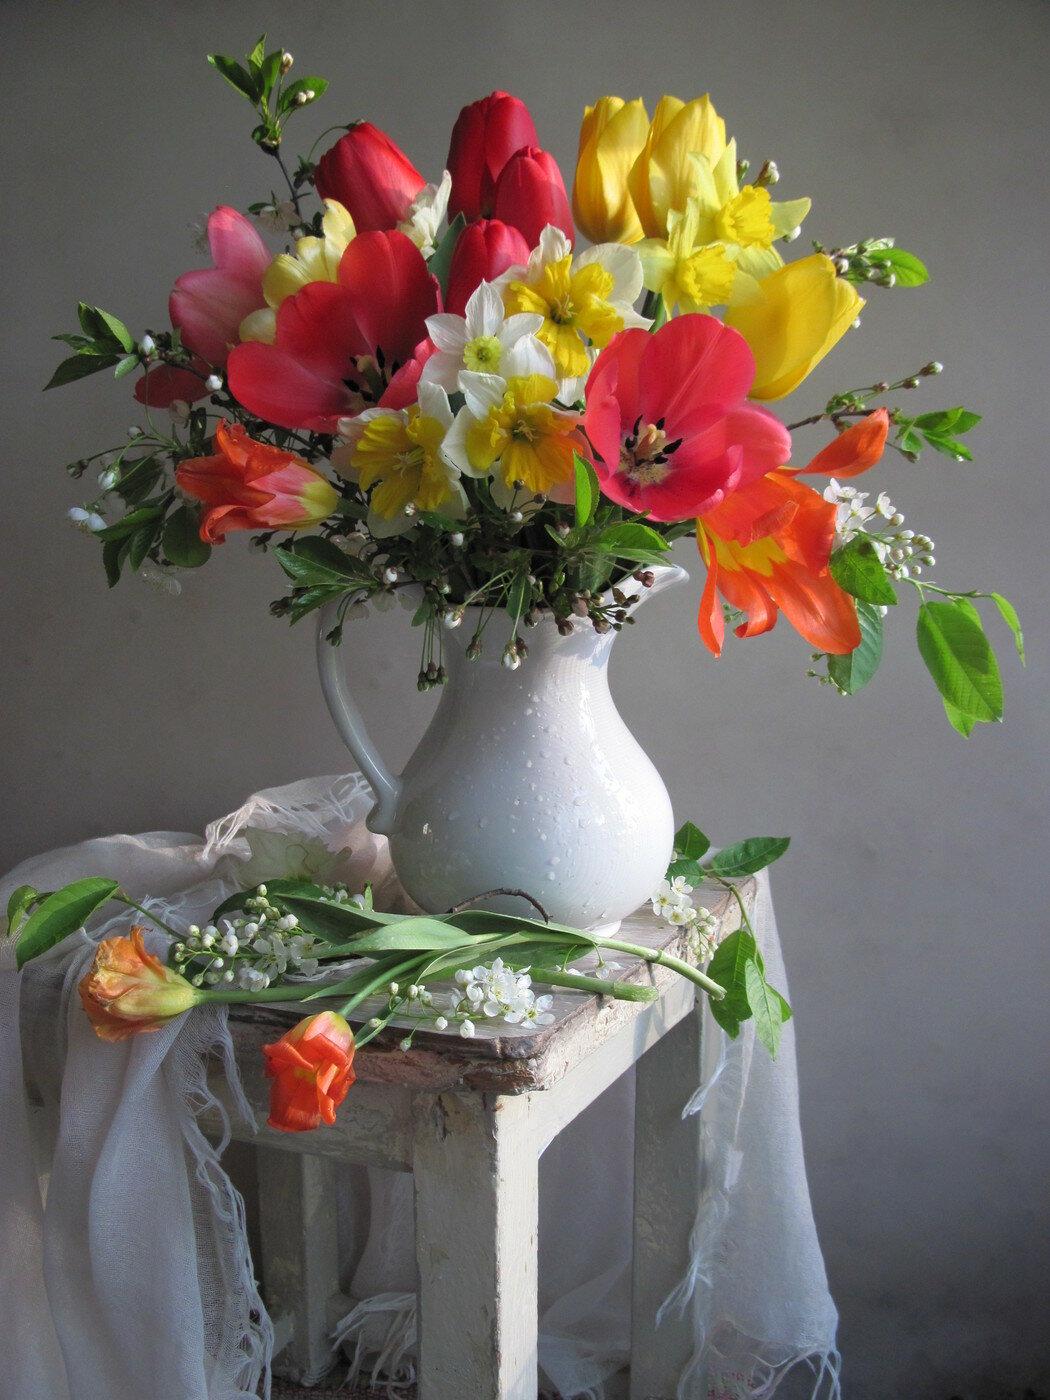 смотреть картинки цветы натюрморт сервис можно